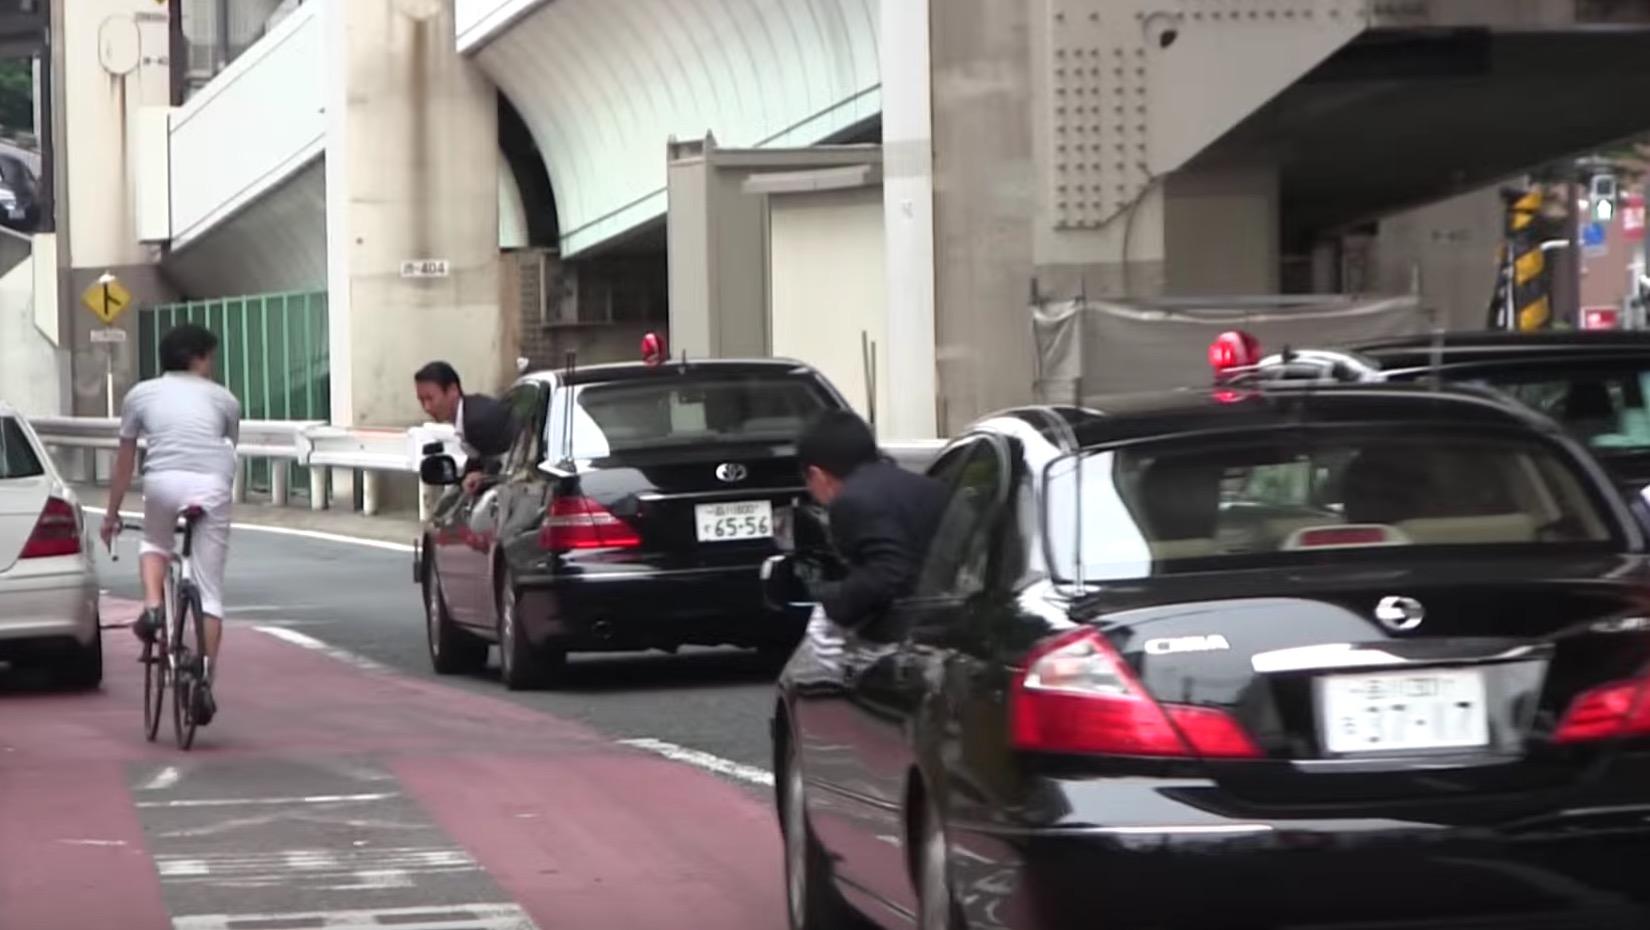 安倍総理の警護SPの危機管理がスゴい。箱乗りで自転車を警戒